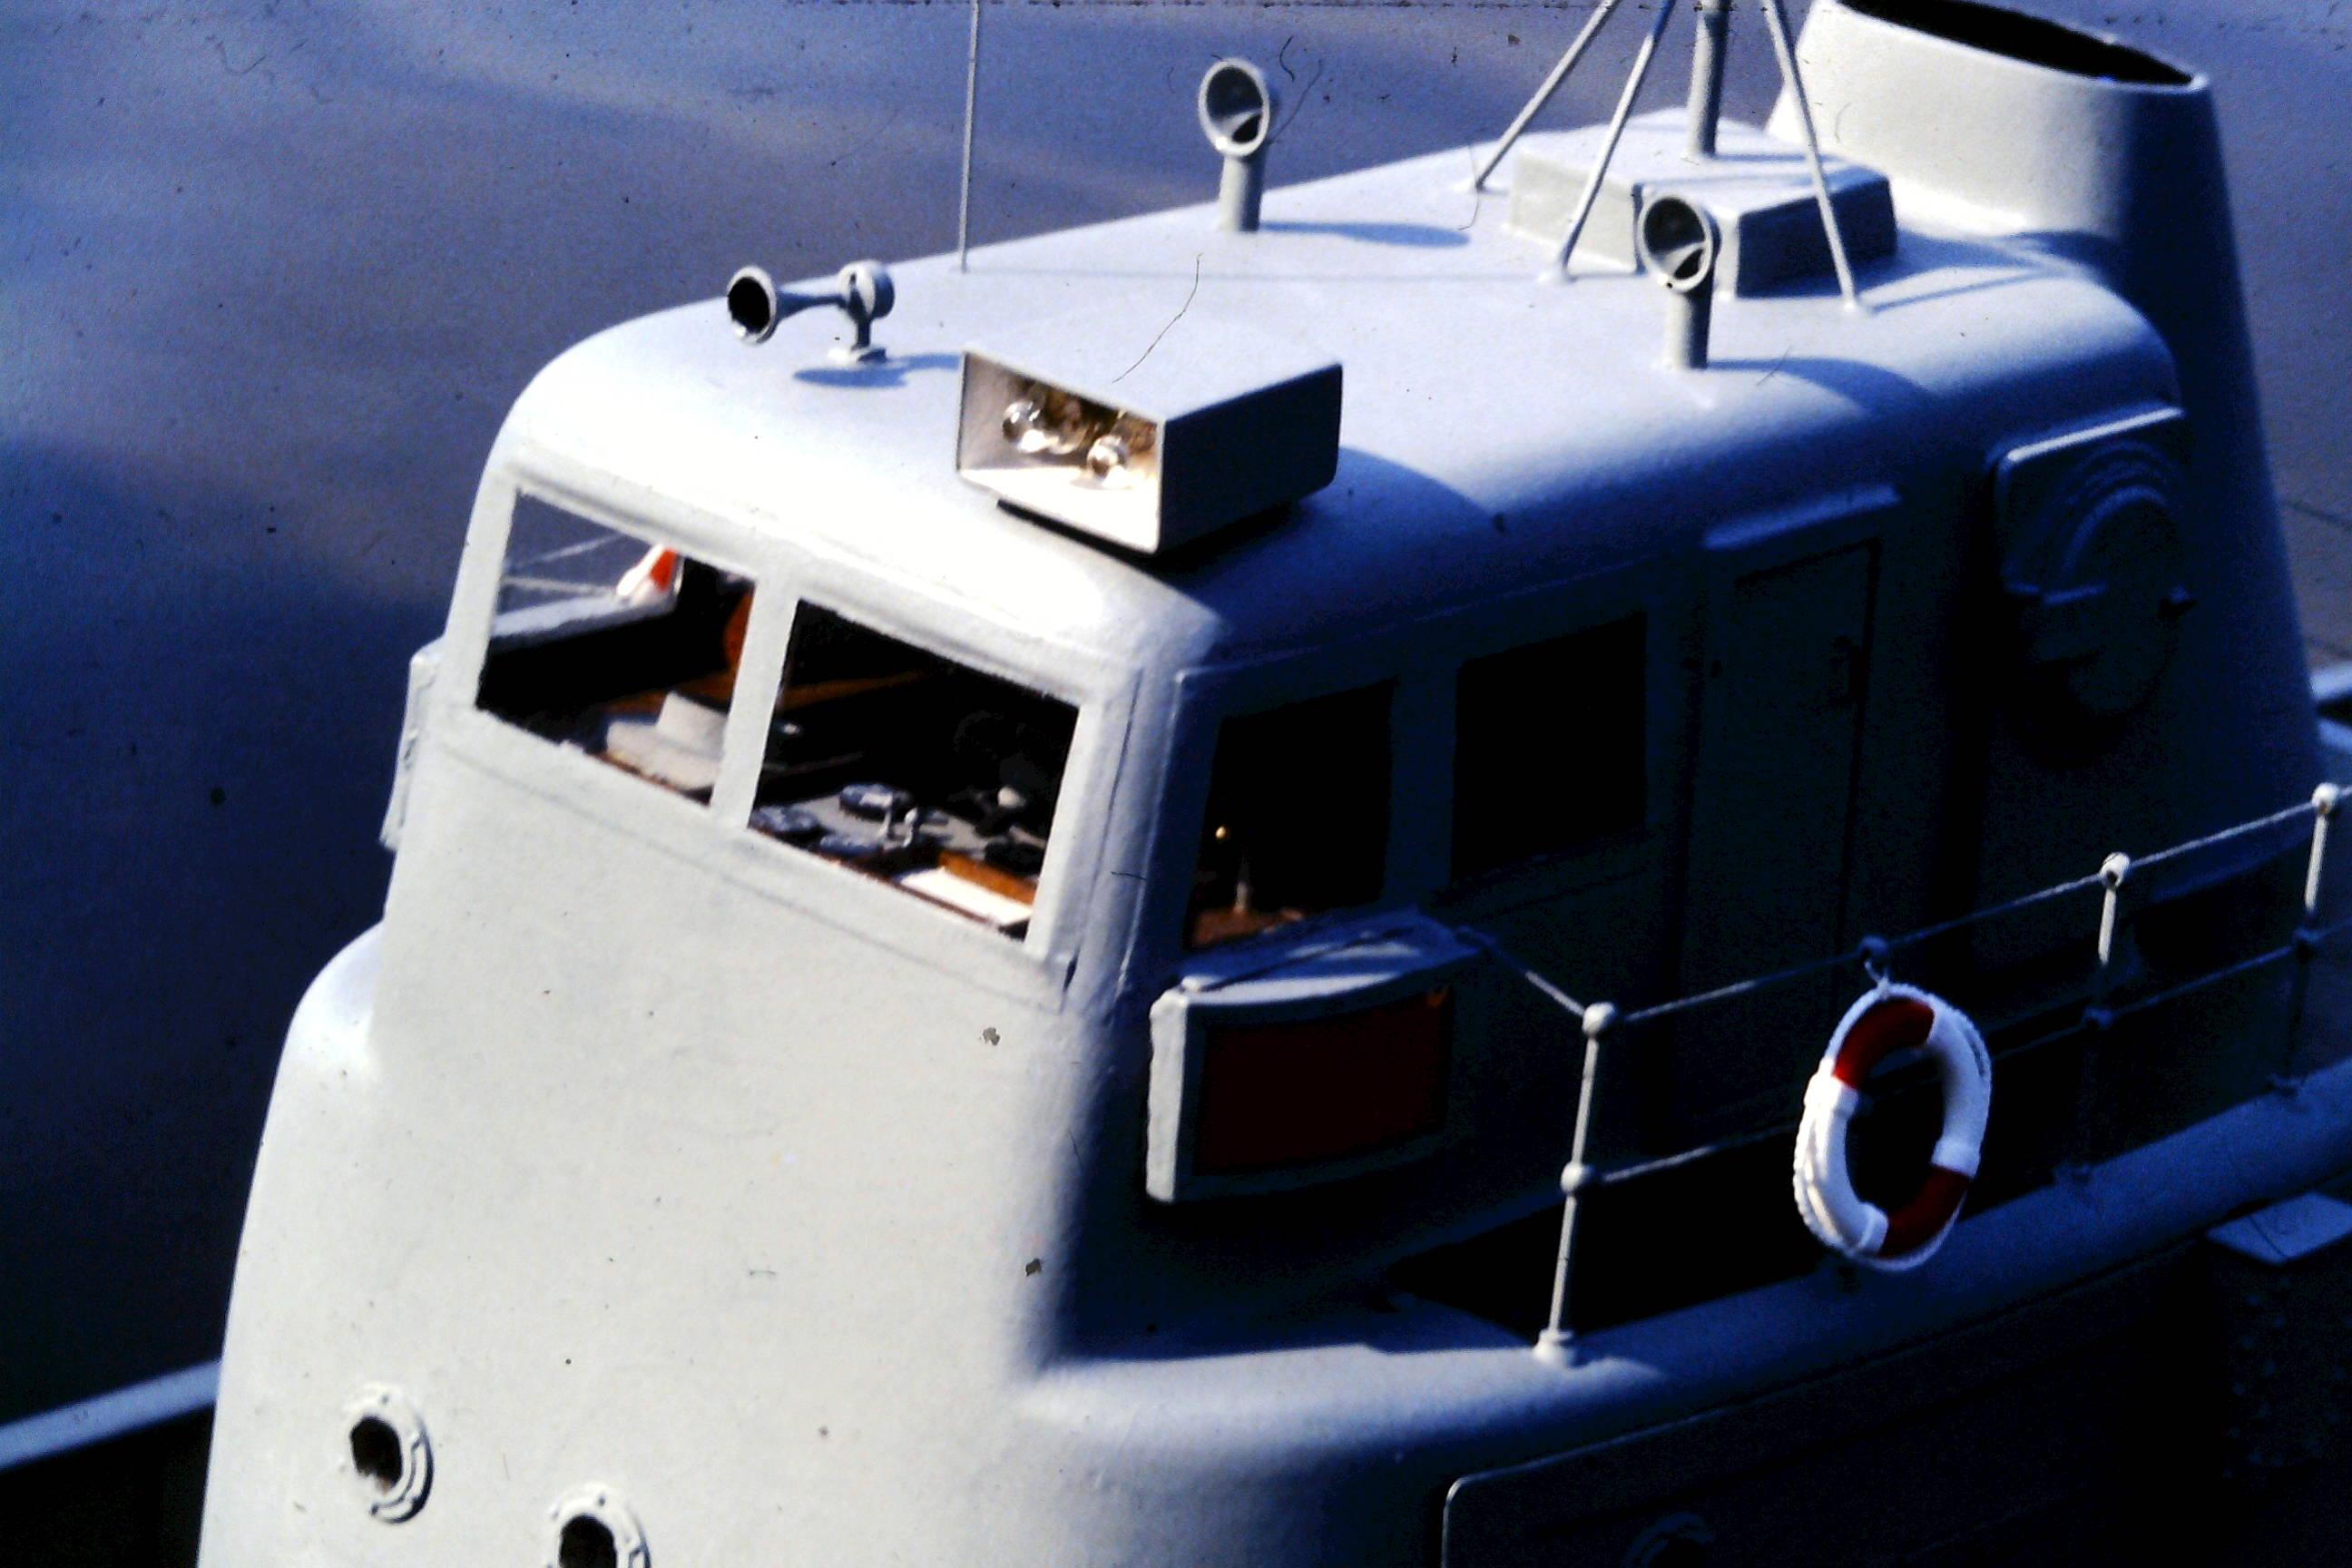 modellbåtar